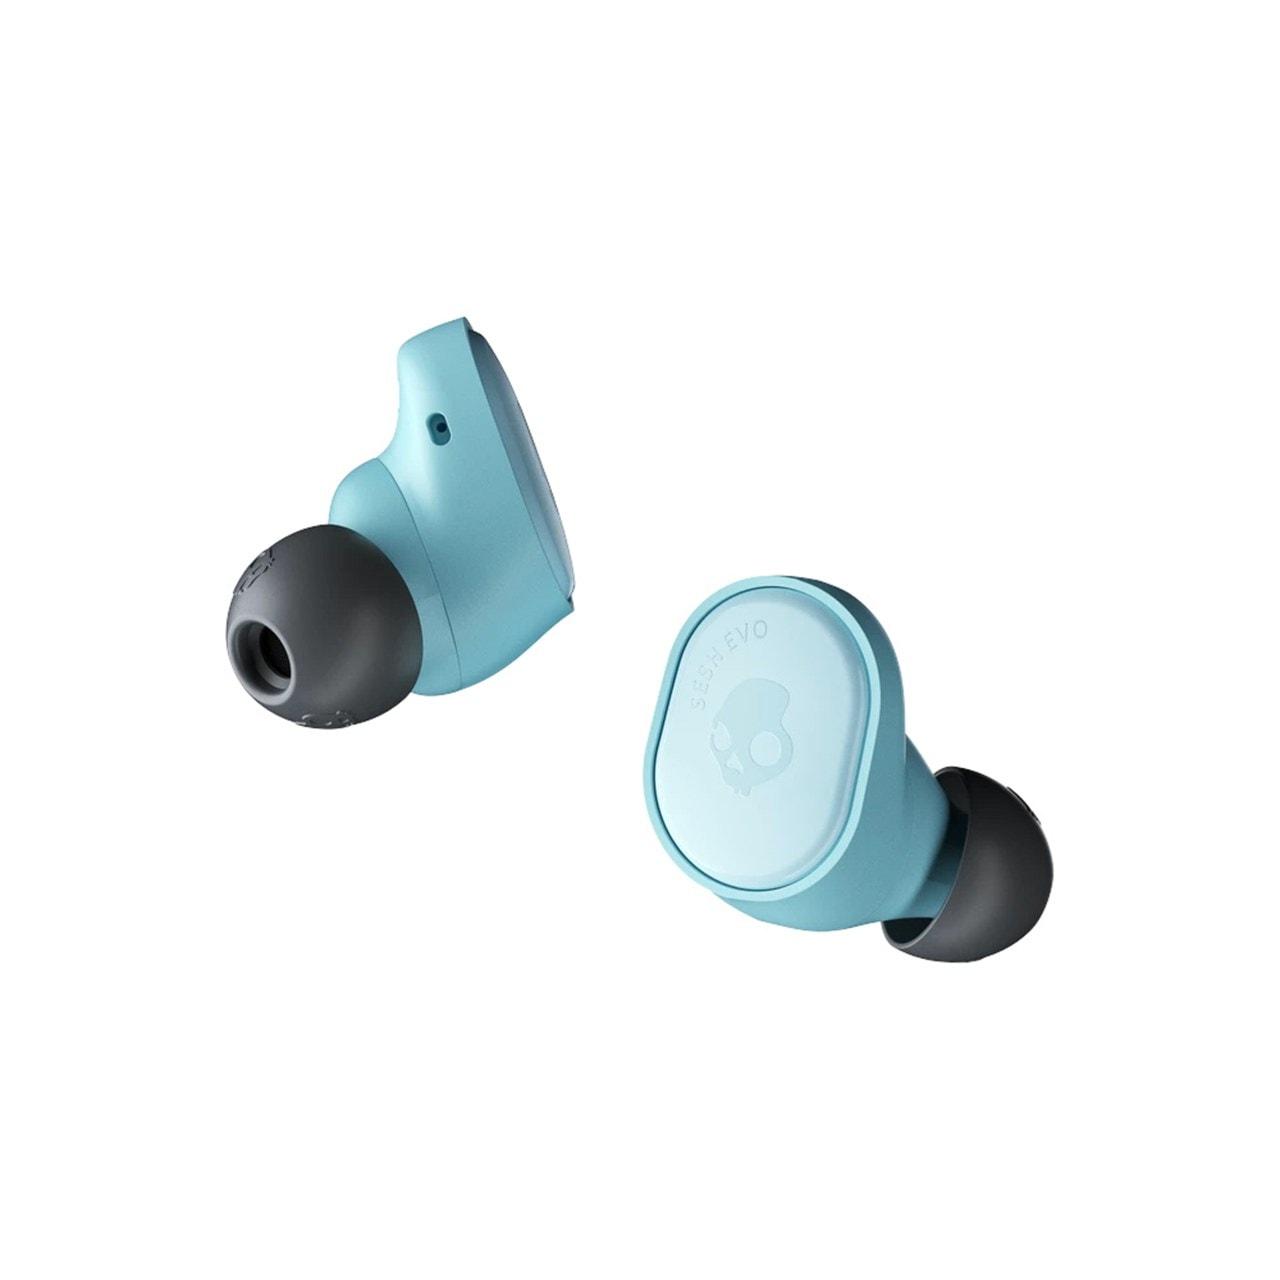 Skullcandy Sesh Evo Bleached Blue True Wireless Bluetooth Earphones - 2